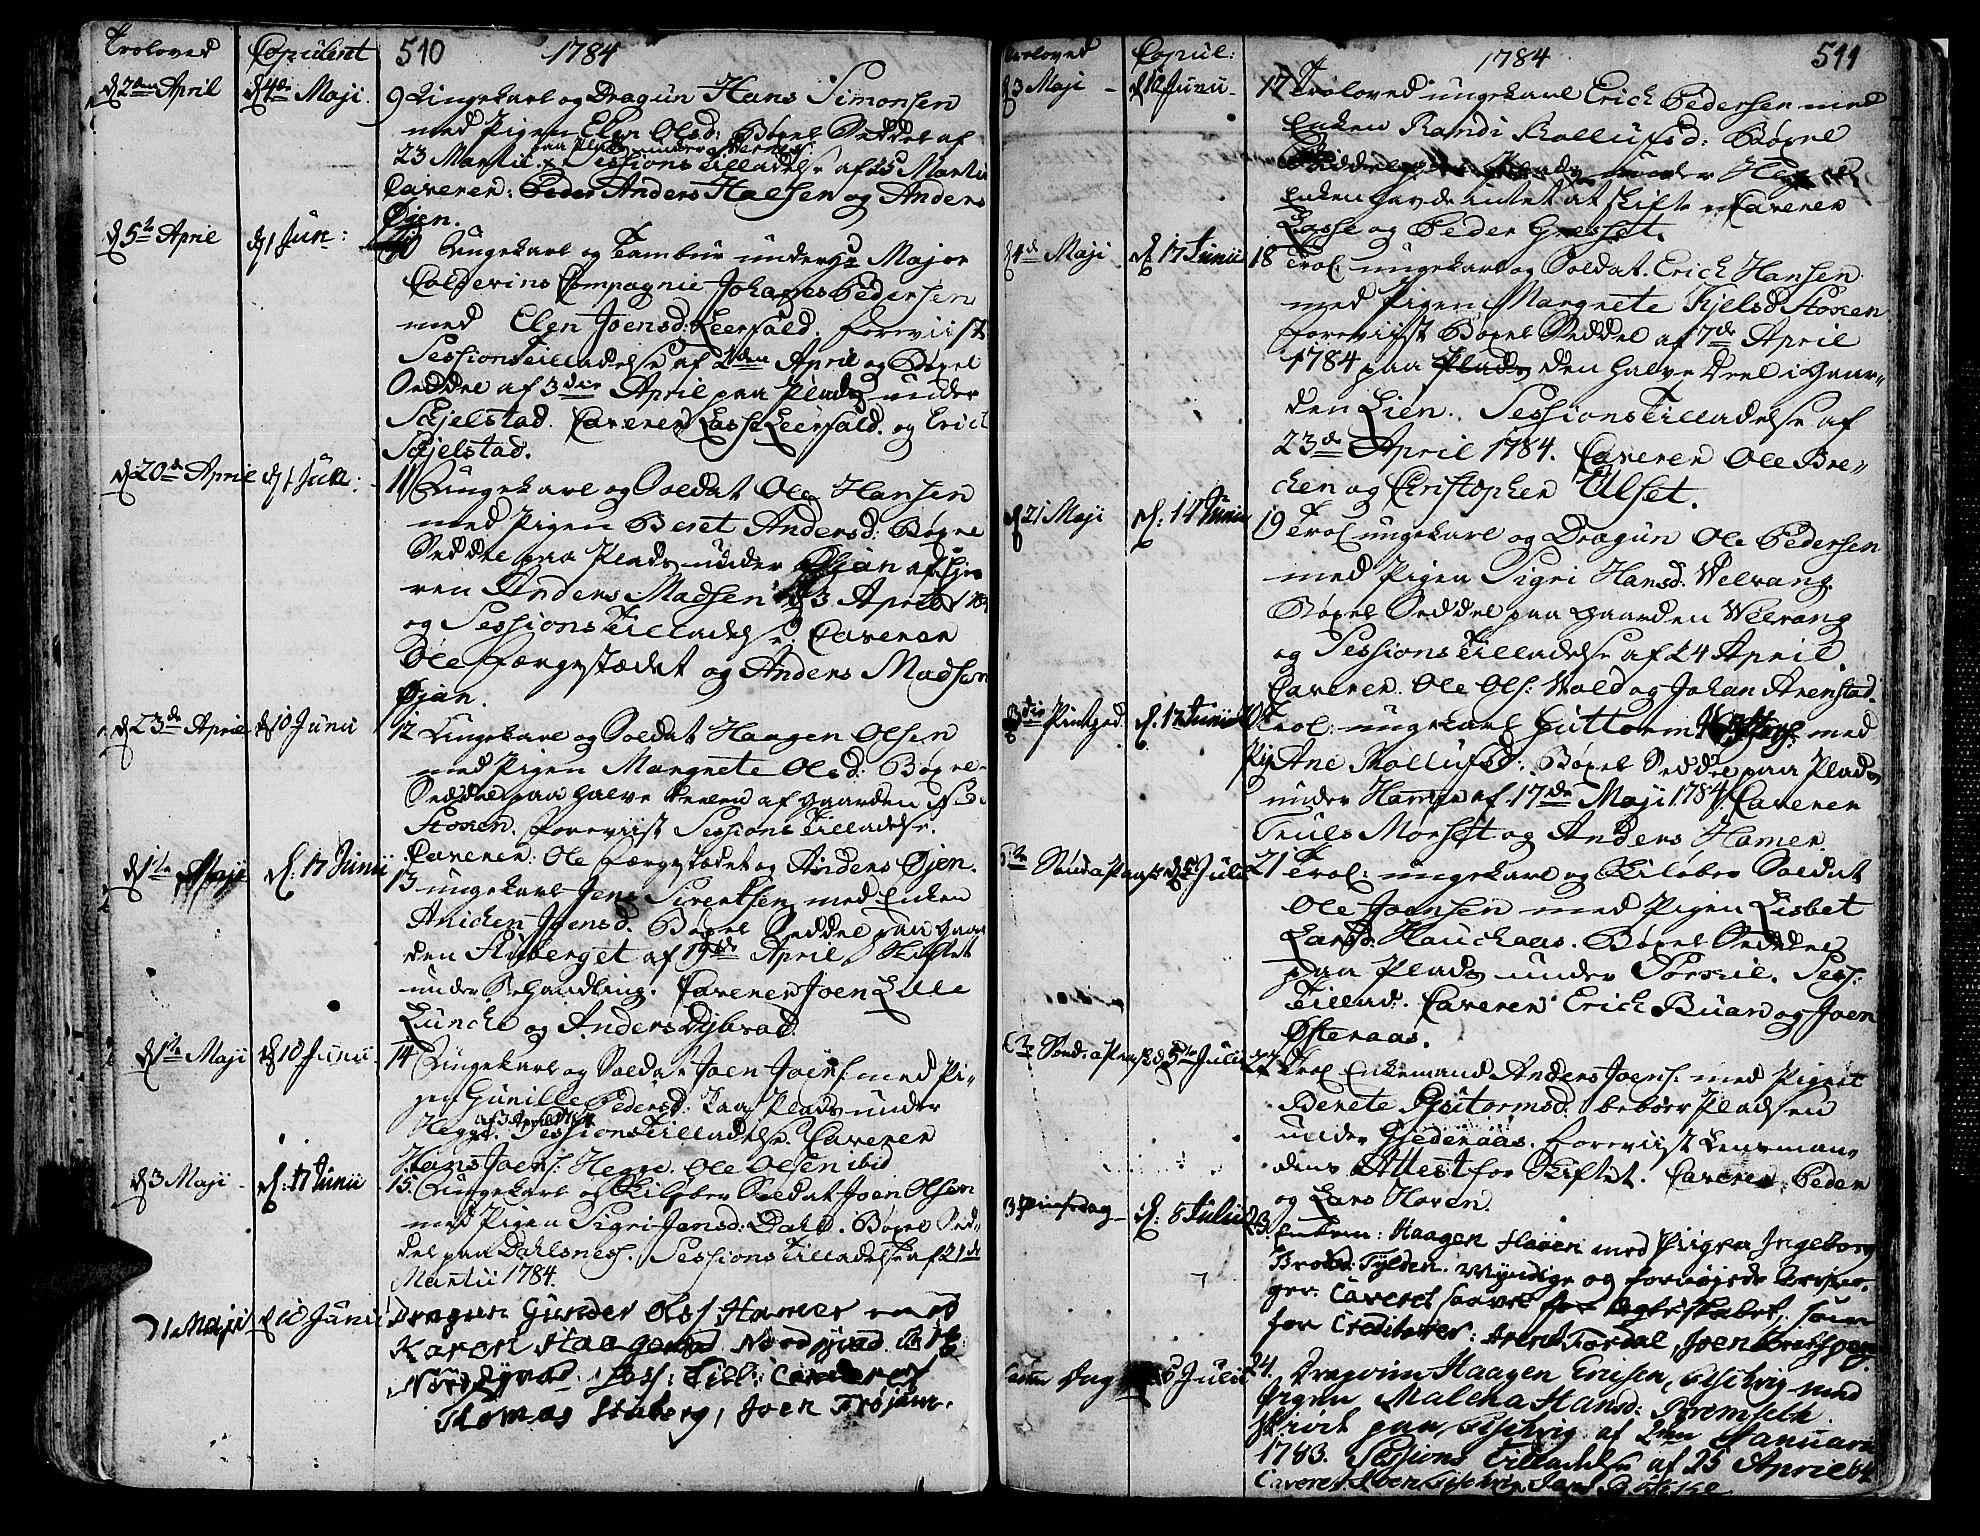 SAT, Ministerialprotokoller, klokkerbøker og fødselsregistre - Nord-Trøndelag, 709/L0059: Ministerialbok nr. 709A06, 1781-1797, s. 510-511